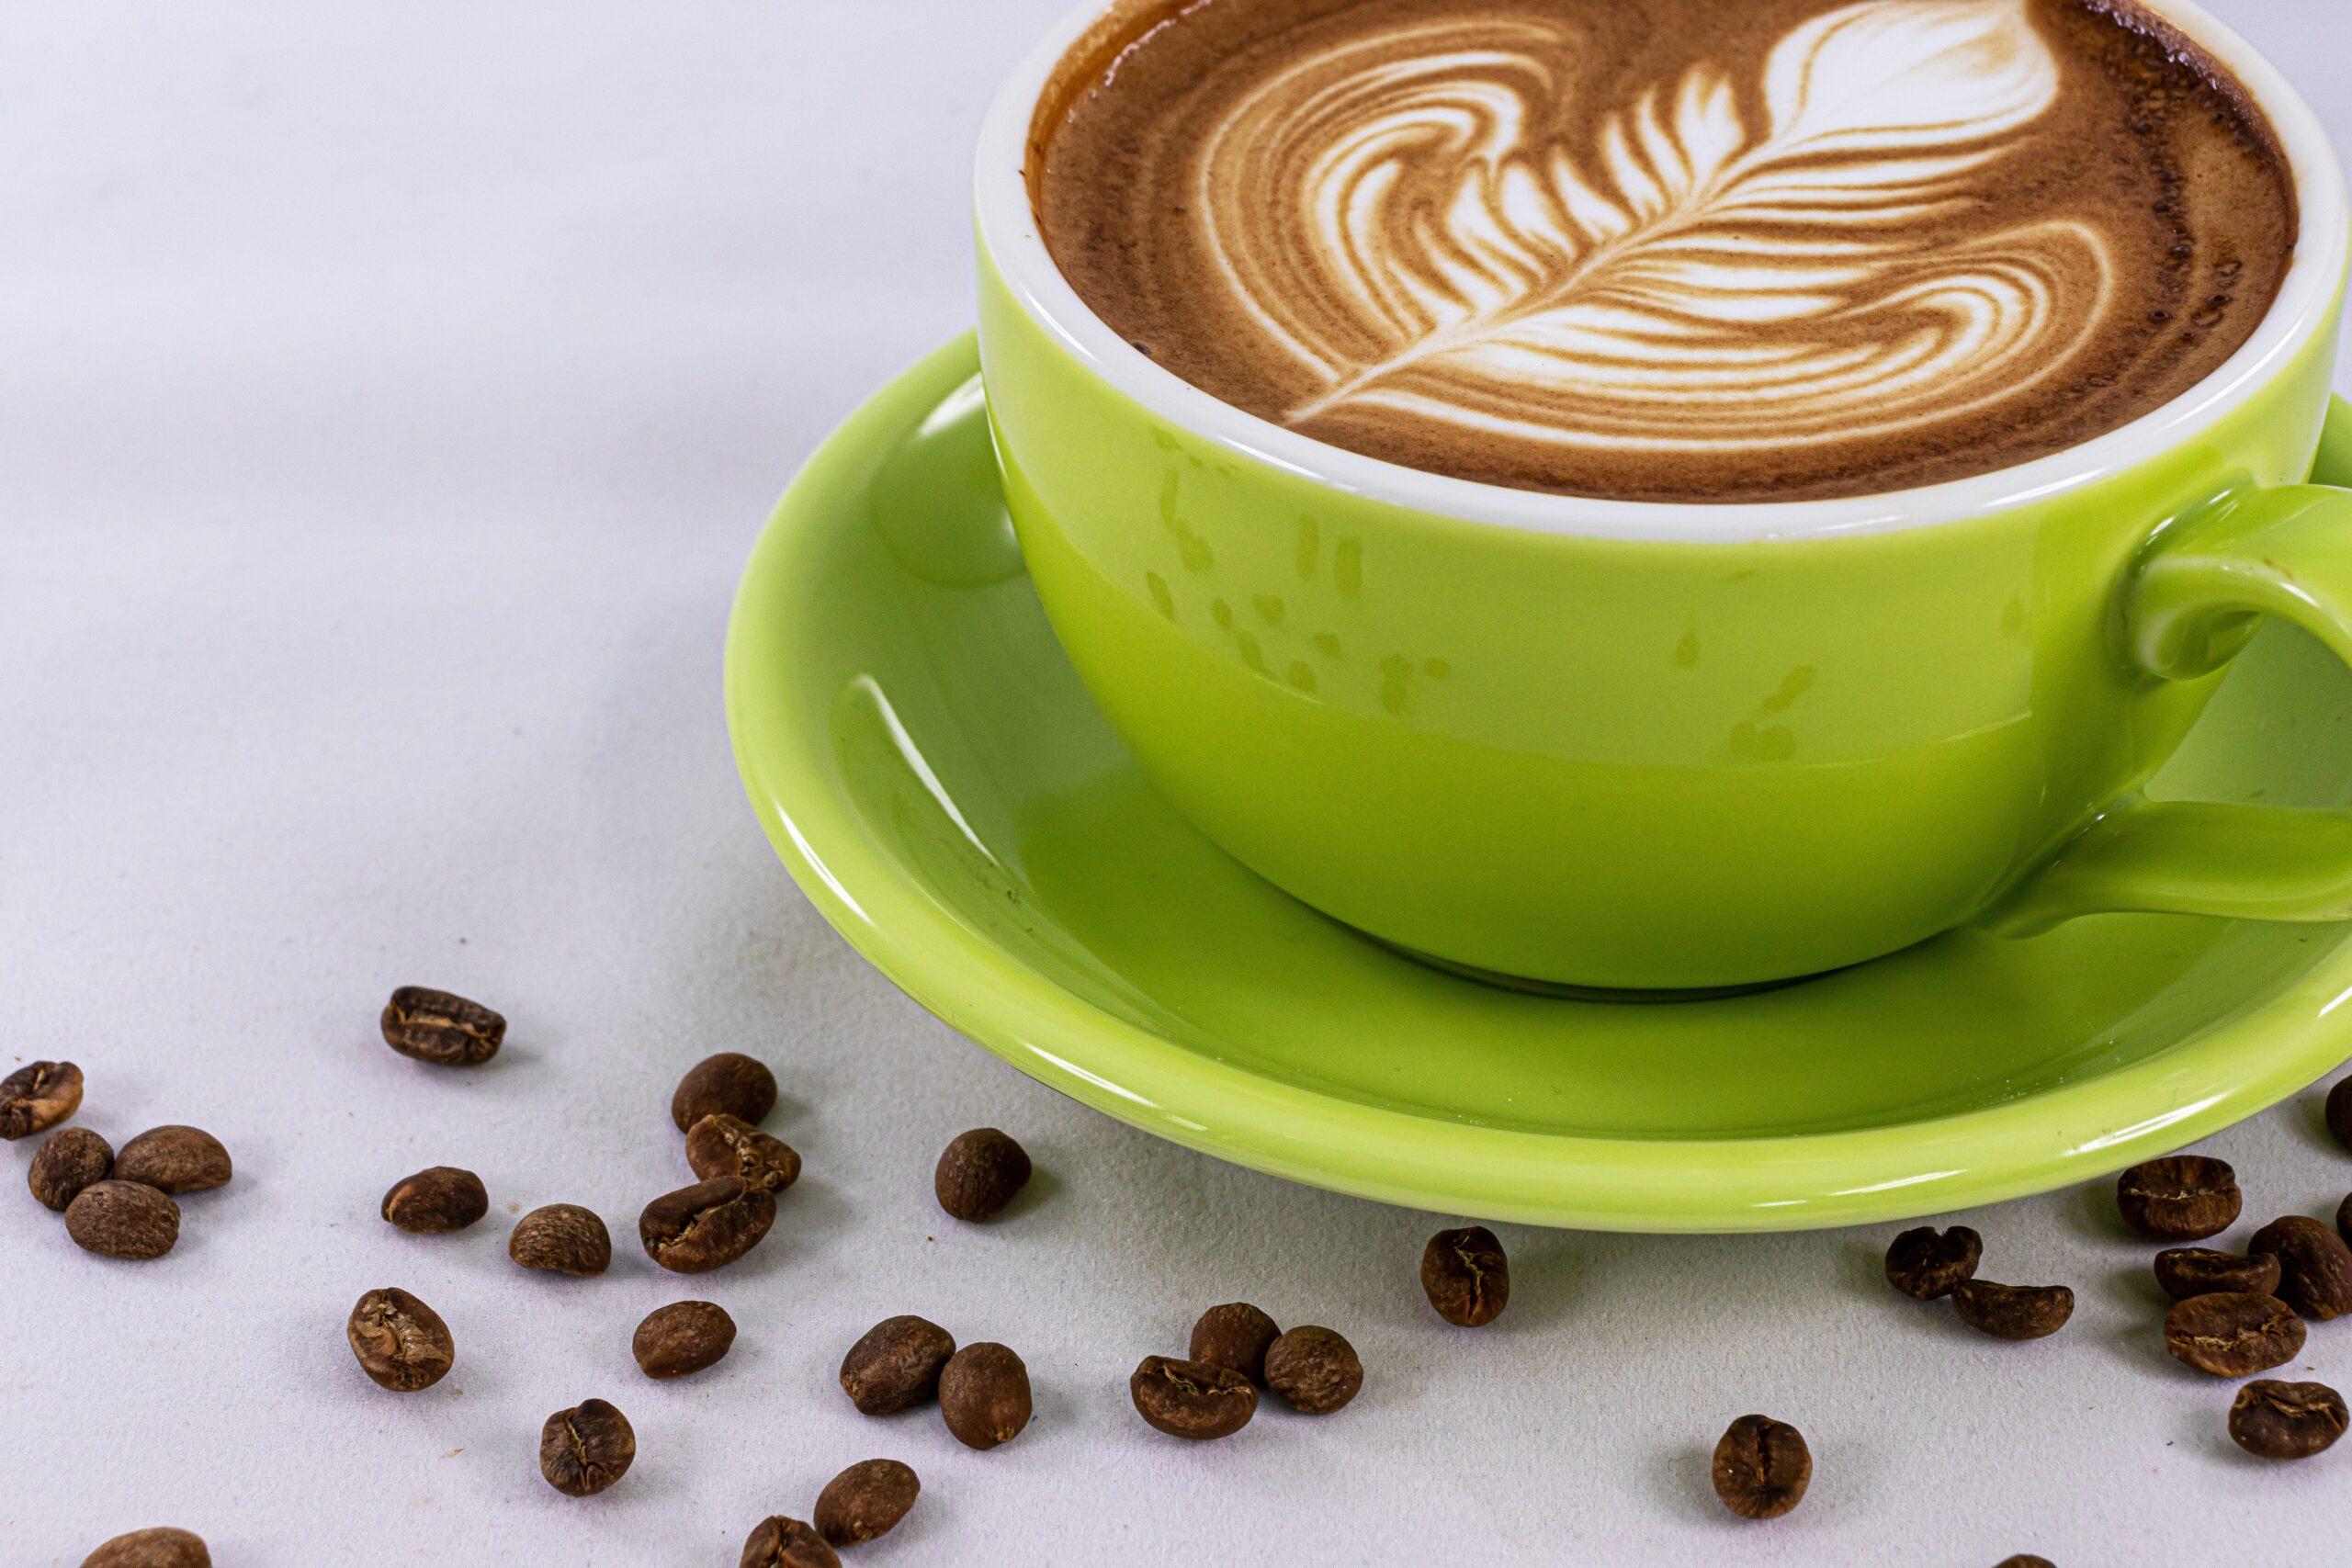 Er vægttabs-trenden om grøn kaffe legit eller helt til grin?